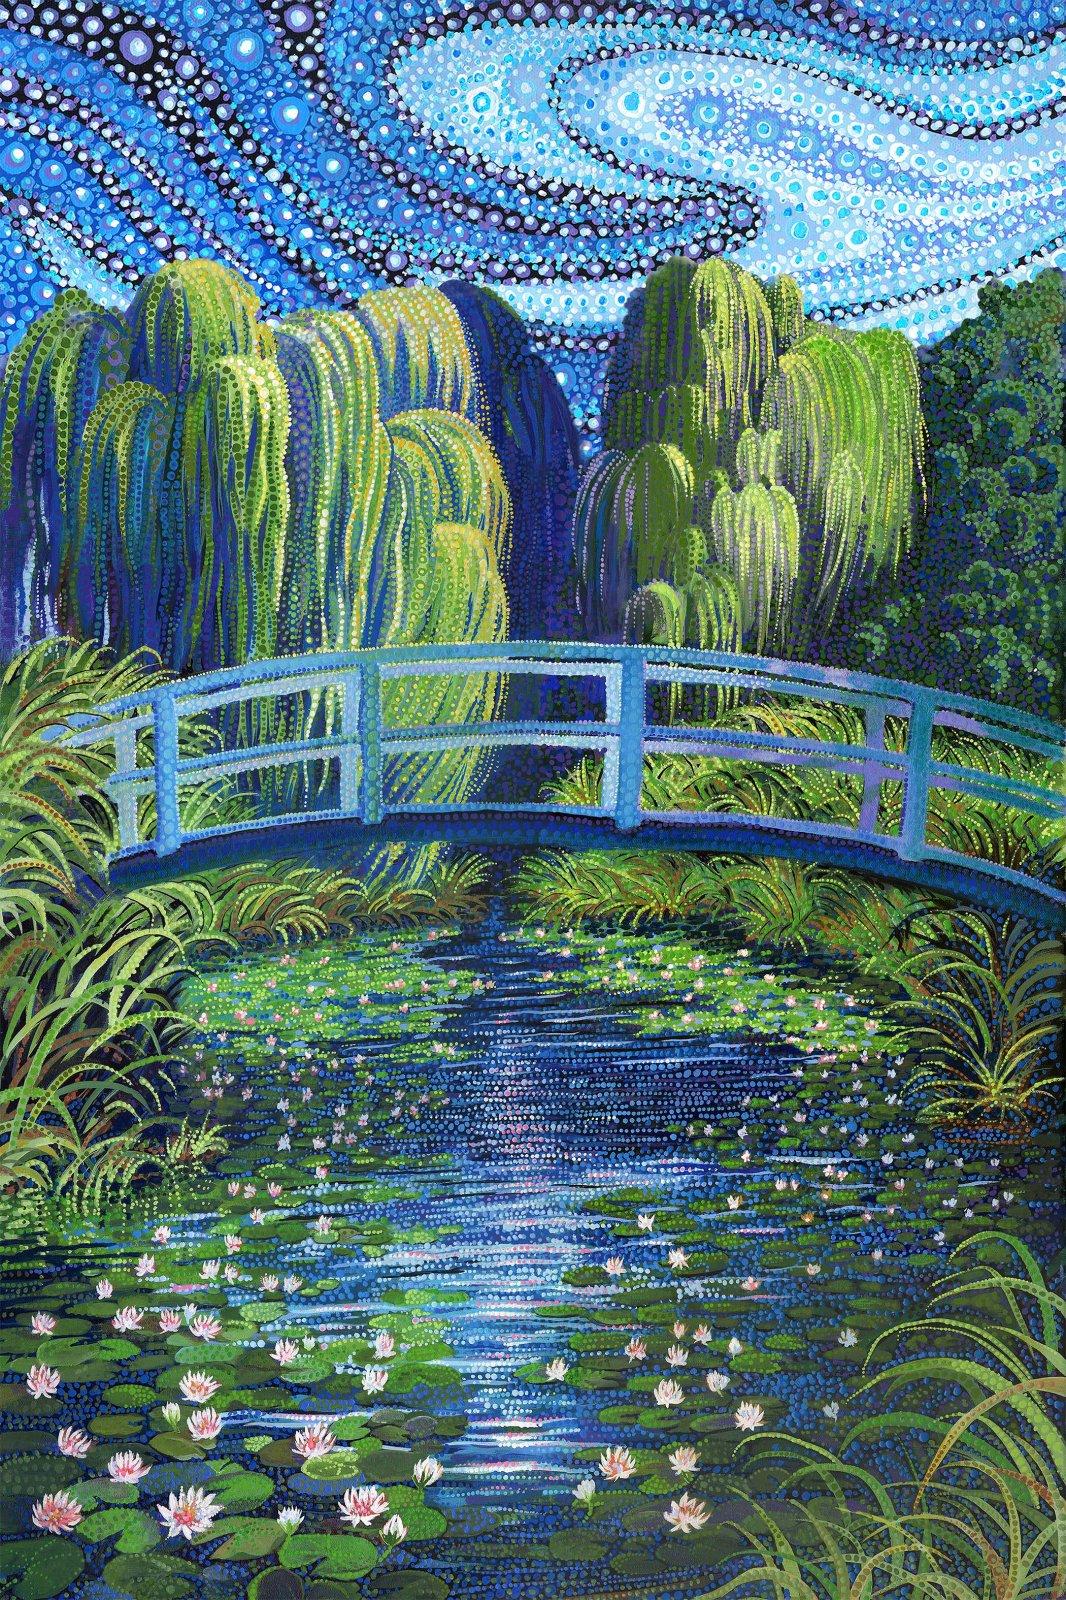 Water Garden dp21917-44 panel